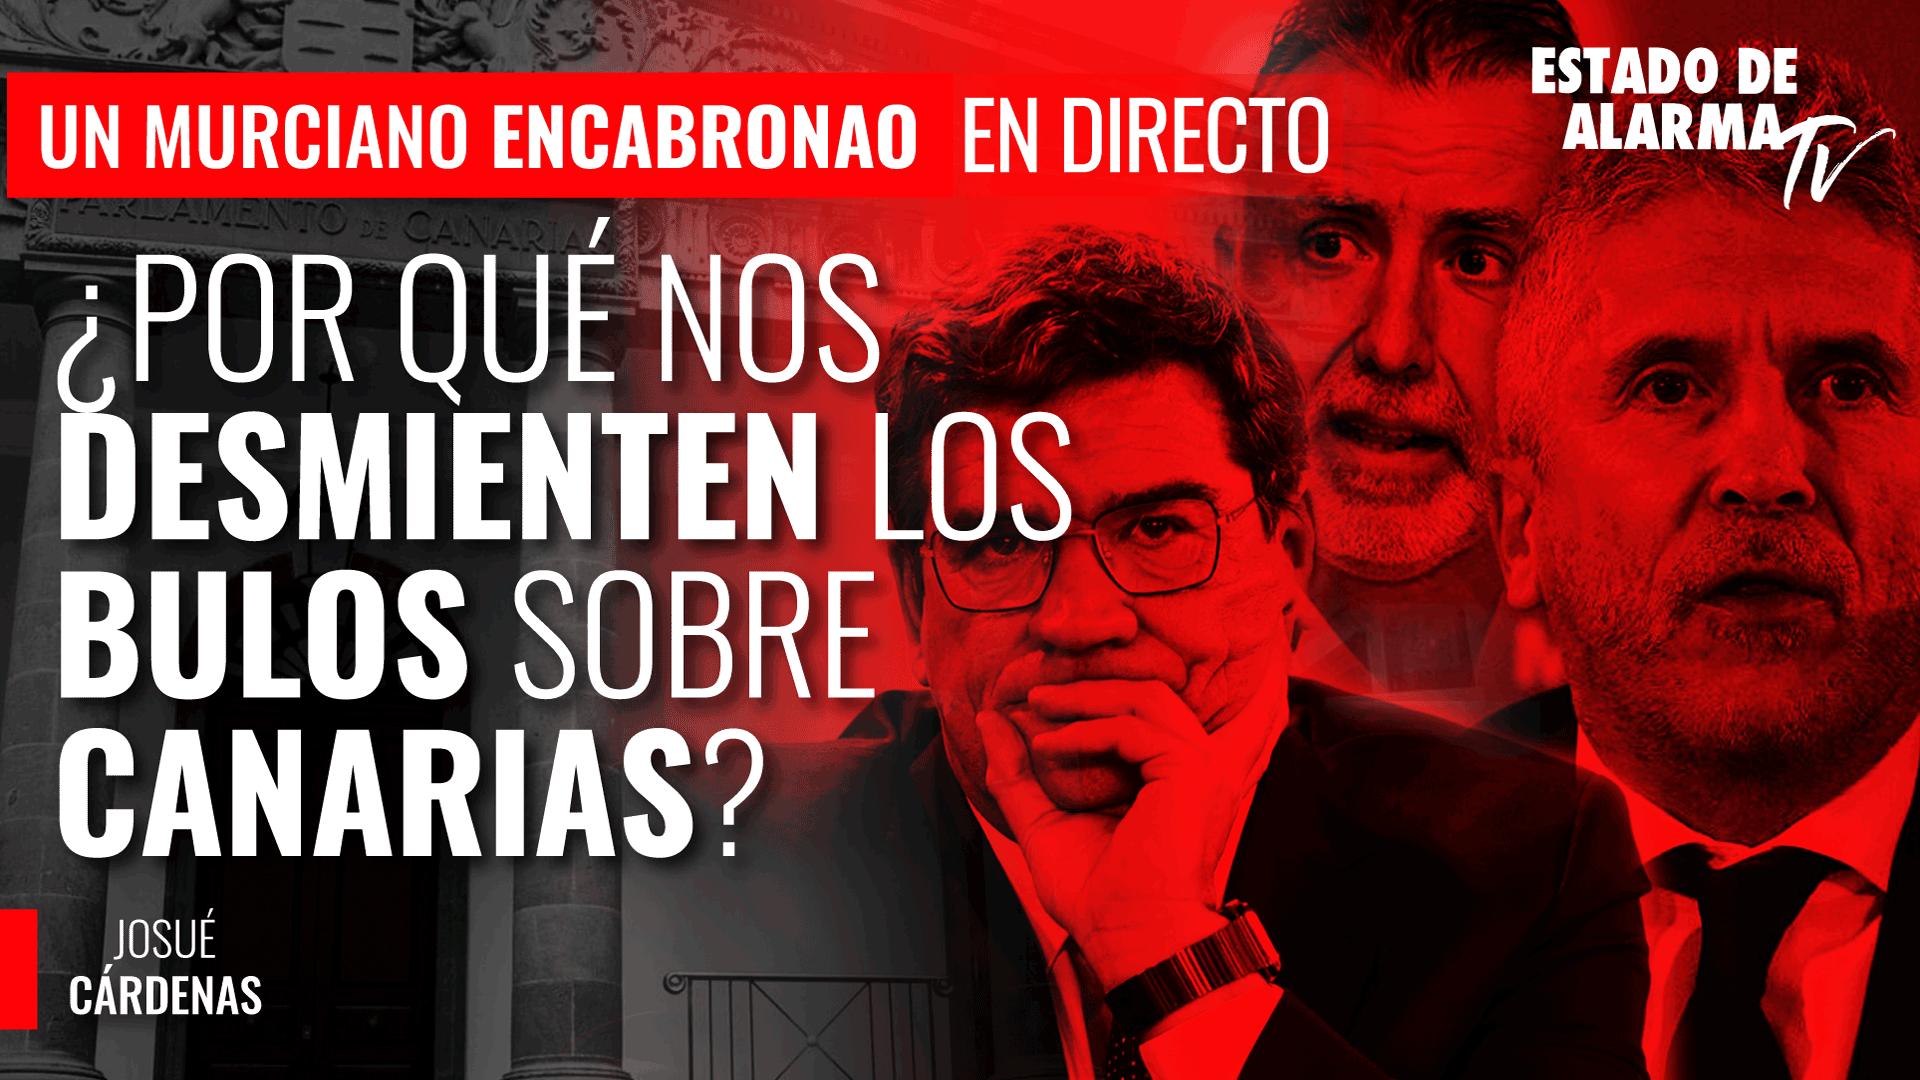 Imagen del video: Un Murciano Encabronao: ¿Por qué nos desmienten los bulos sobre Canarias?; Josué Cárdenas